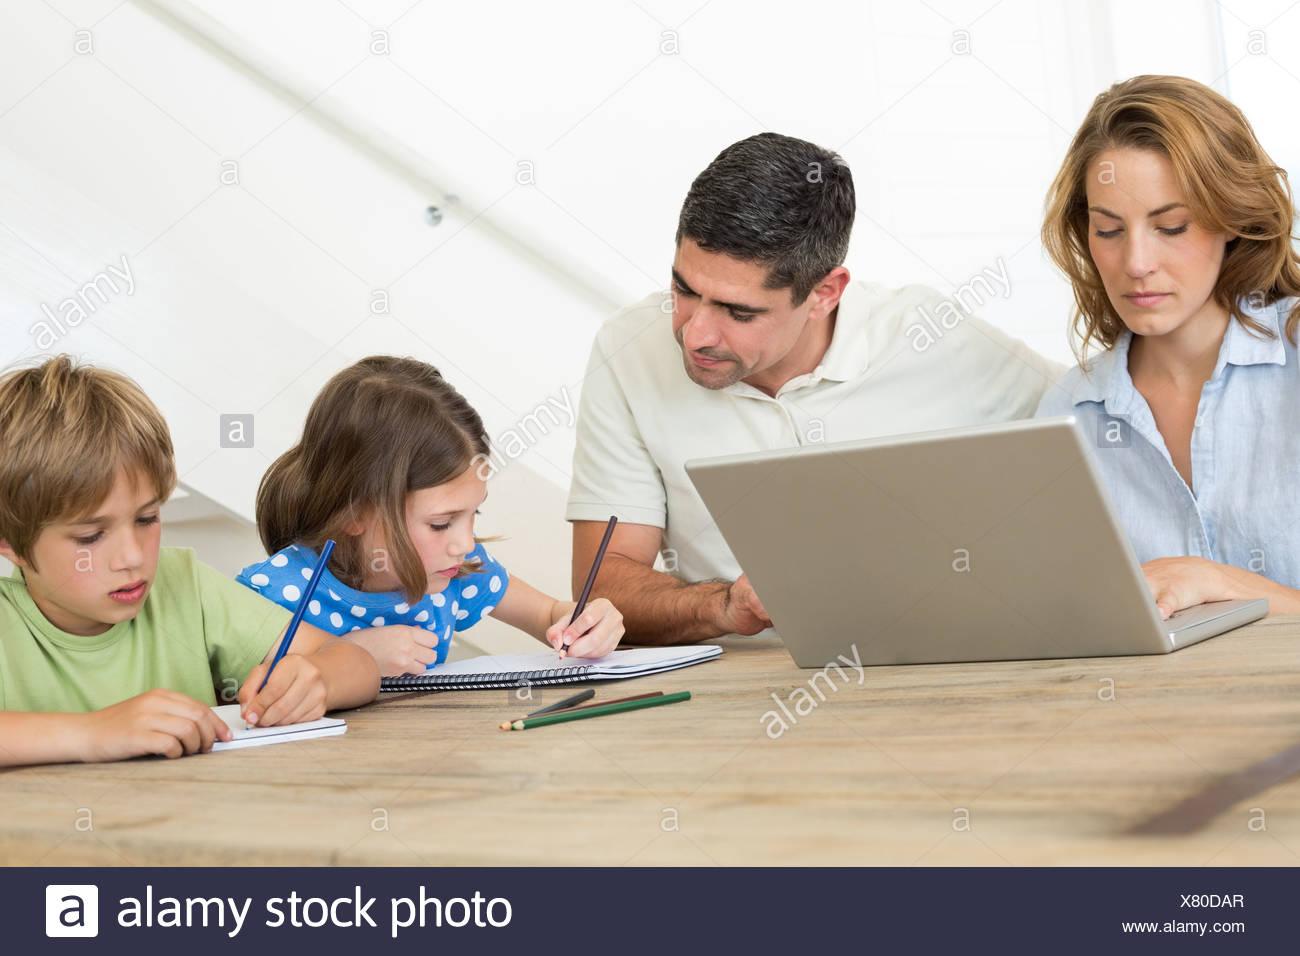 Madre utilizando el portátil mientras el padre ayuda a niños para ...